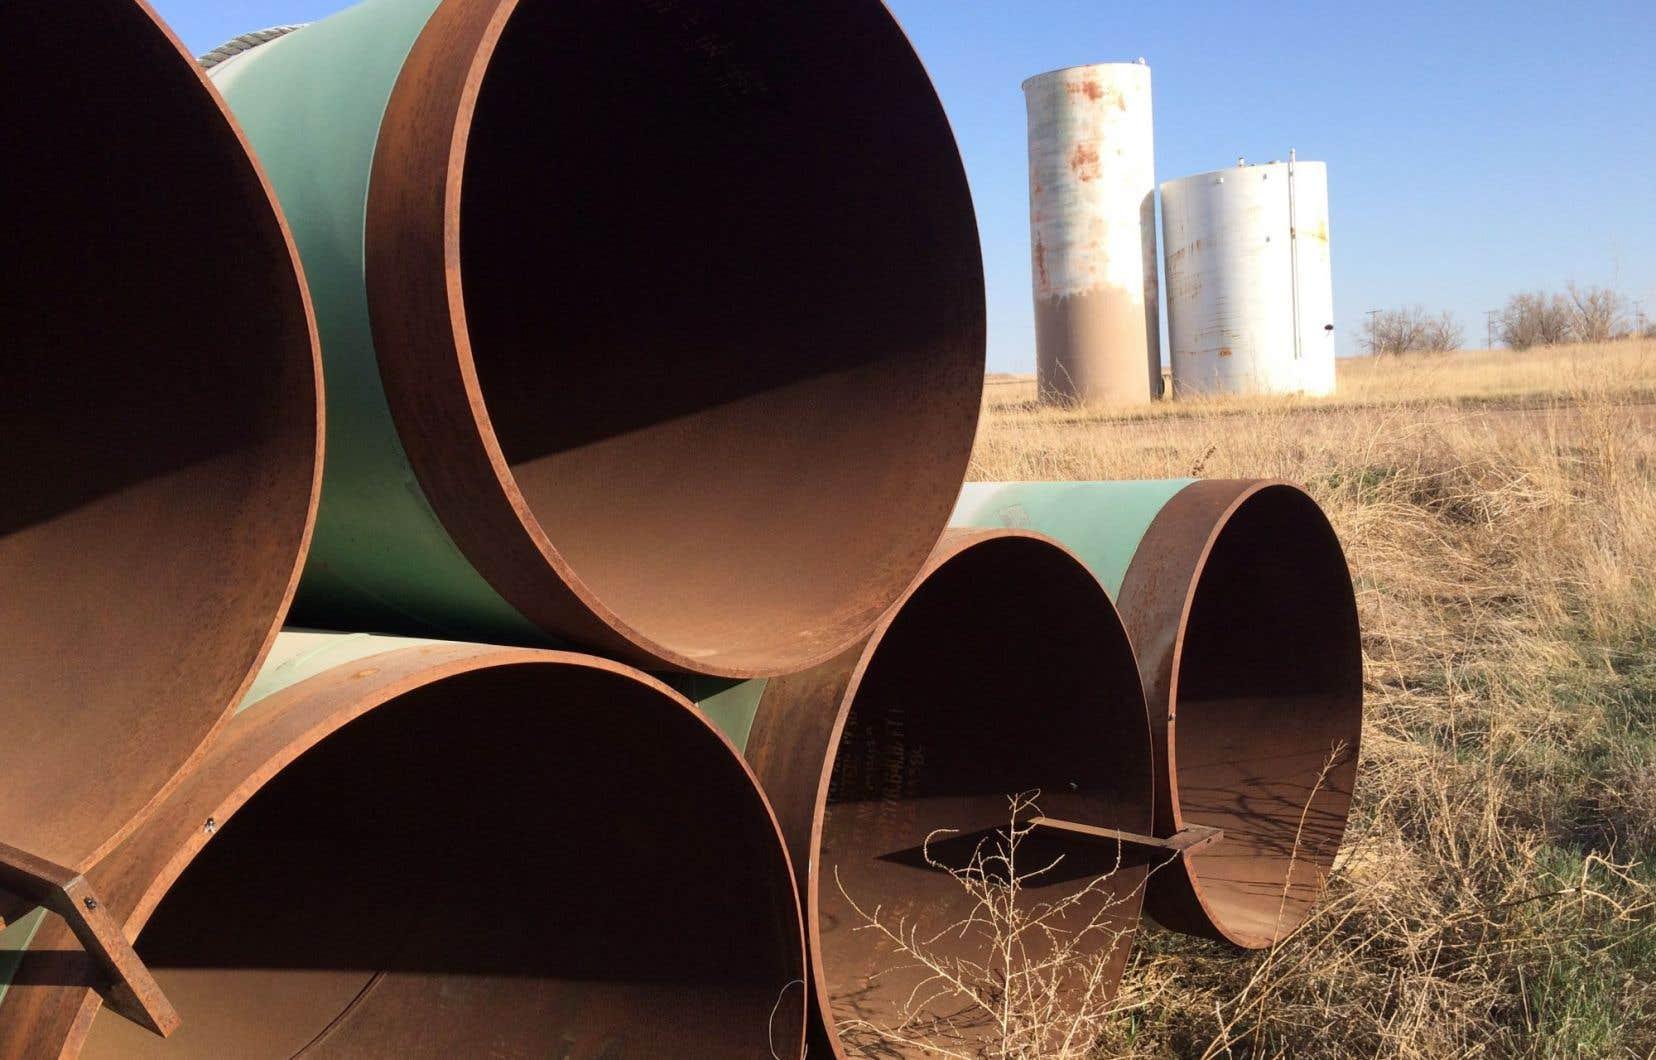 Les neuf communautés micmaques de l'est et du nord du Nouveau-Brunswick s'inquiètent des conséquences environnementales qu'entraînerait un projet de pipeline dans la région.